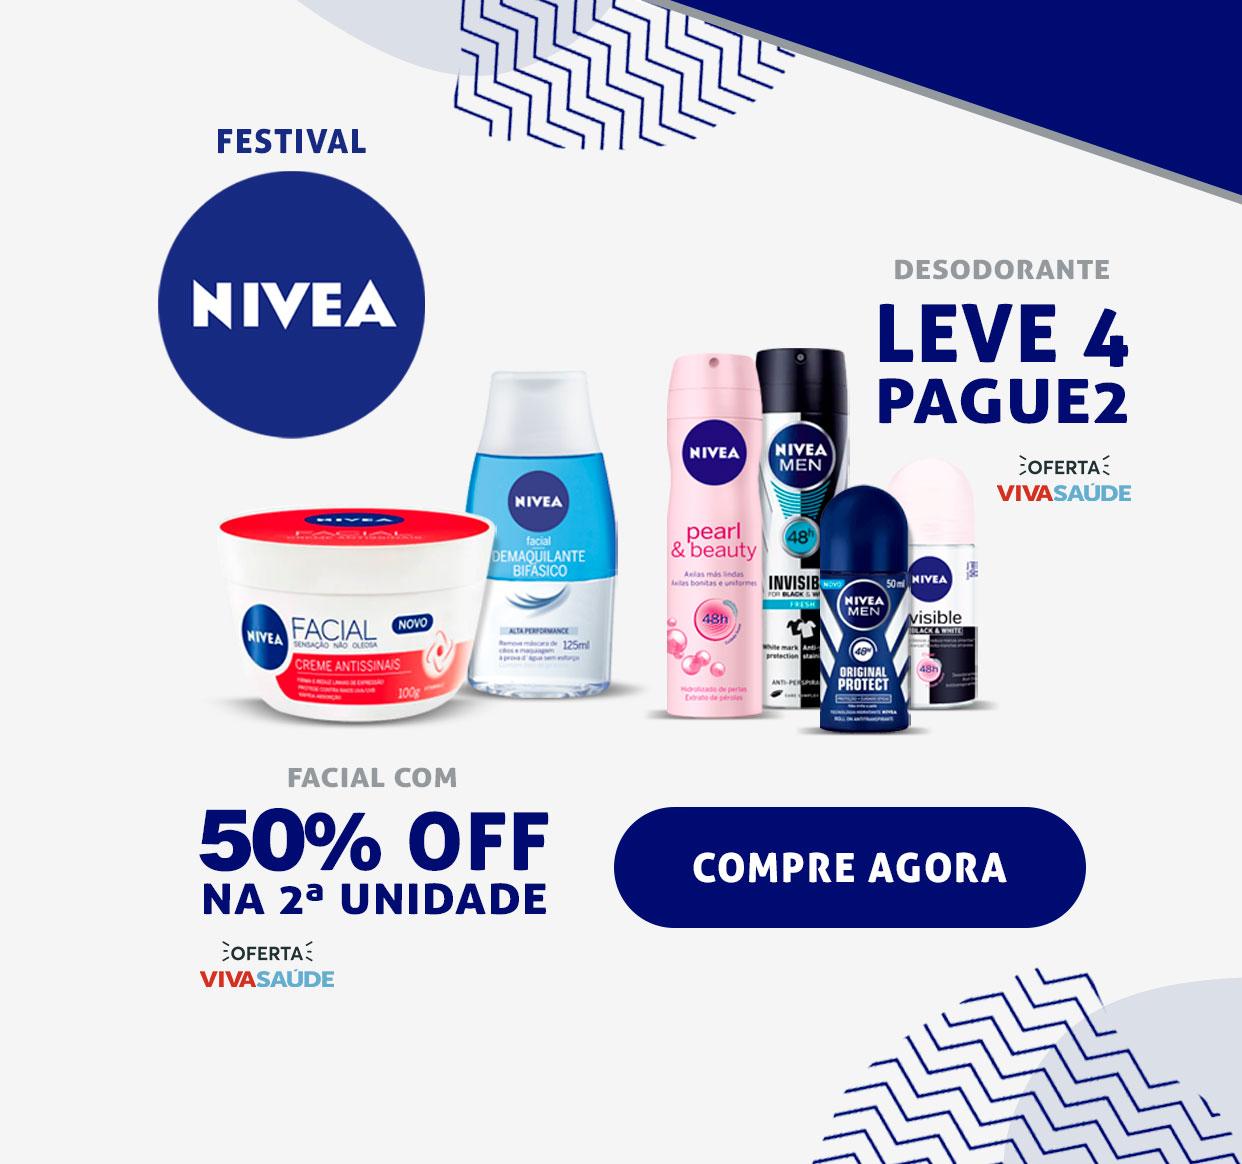 MOBILE Festival Nivea